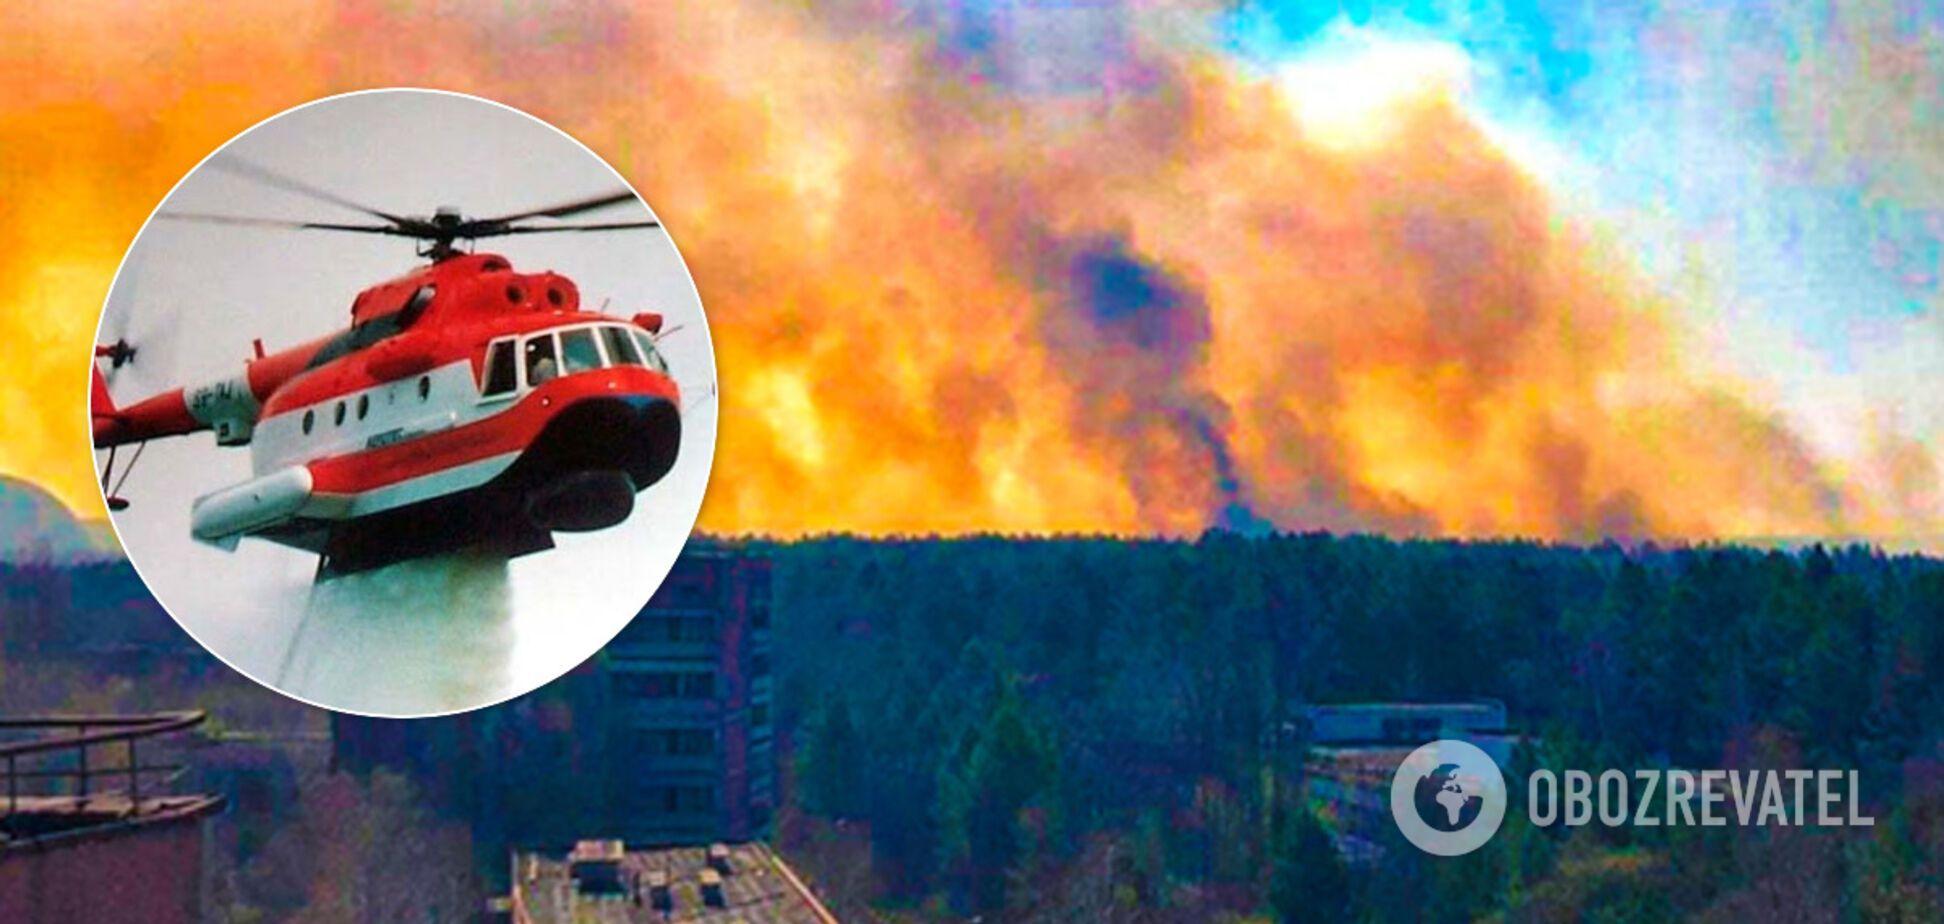 Сбросили 240 тонн воды: спасатели рассказали о новом пожаре в Чернобыле